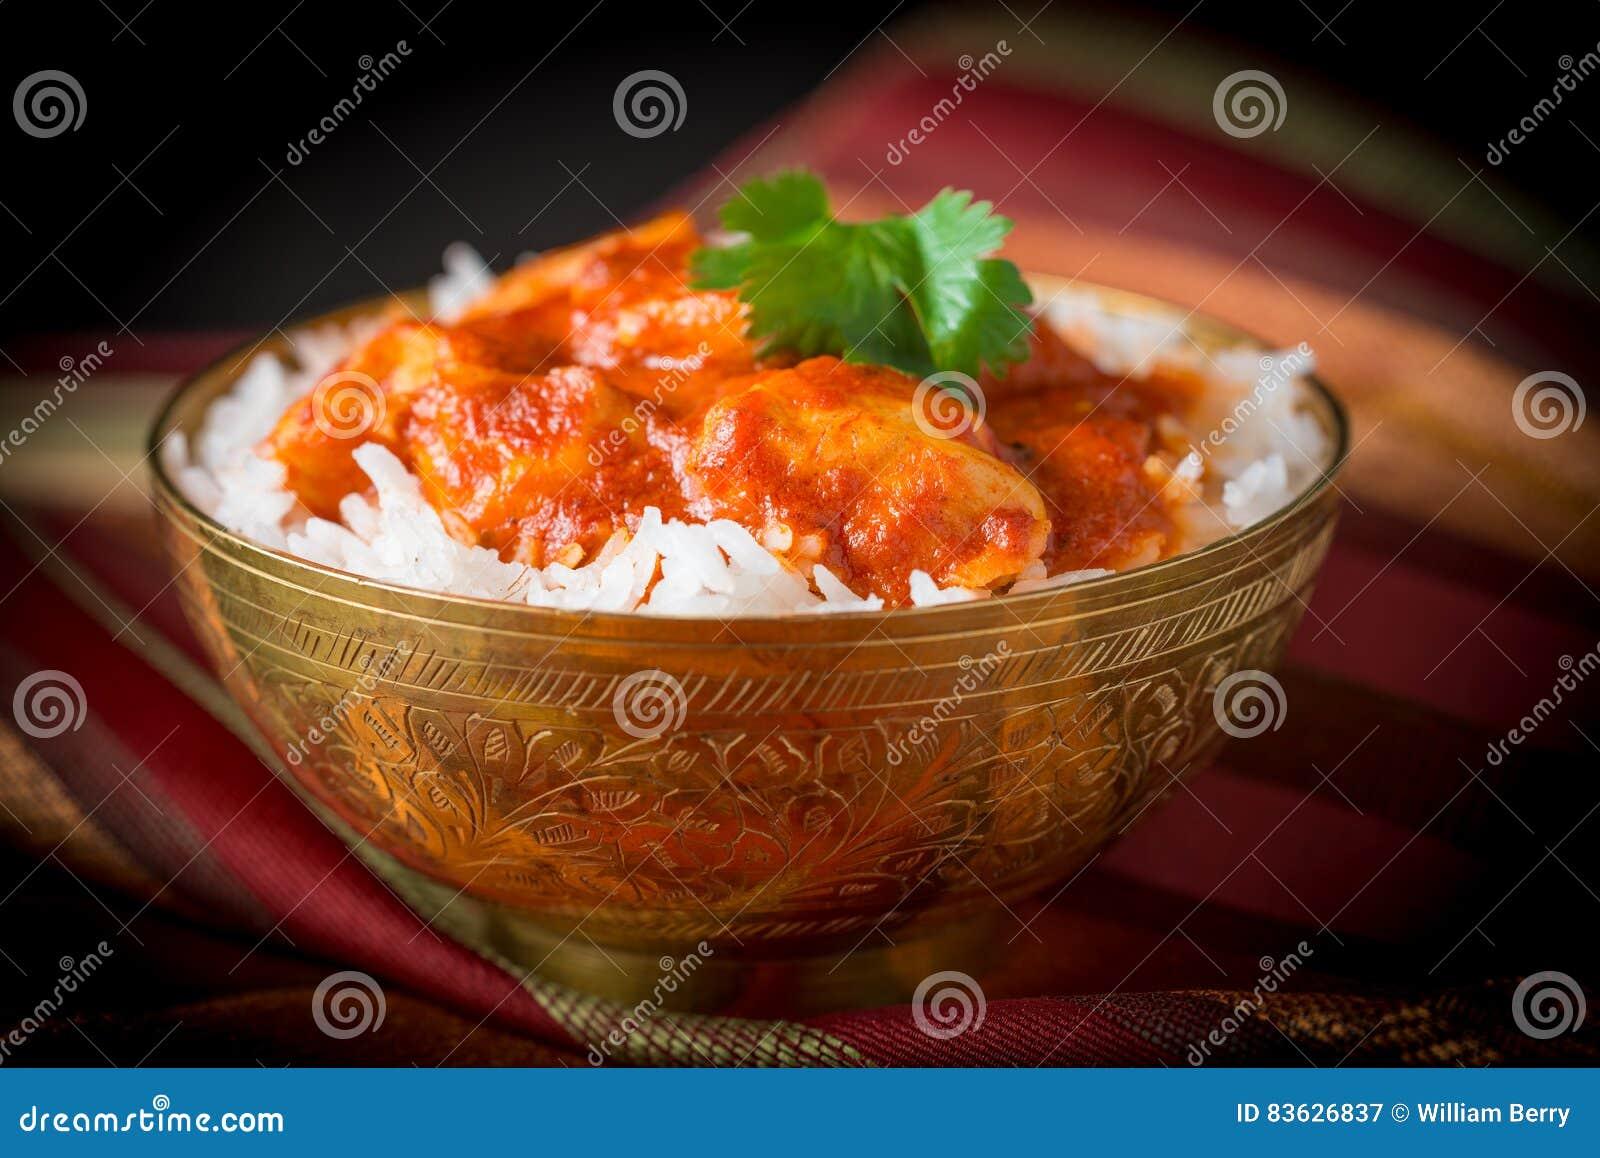 Indian Butter Chicken Closeup